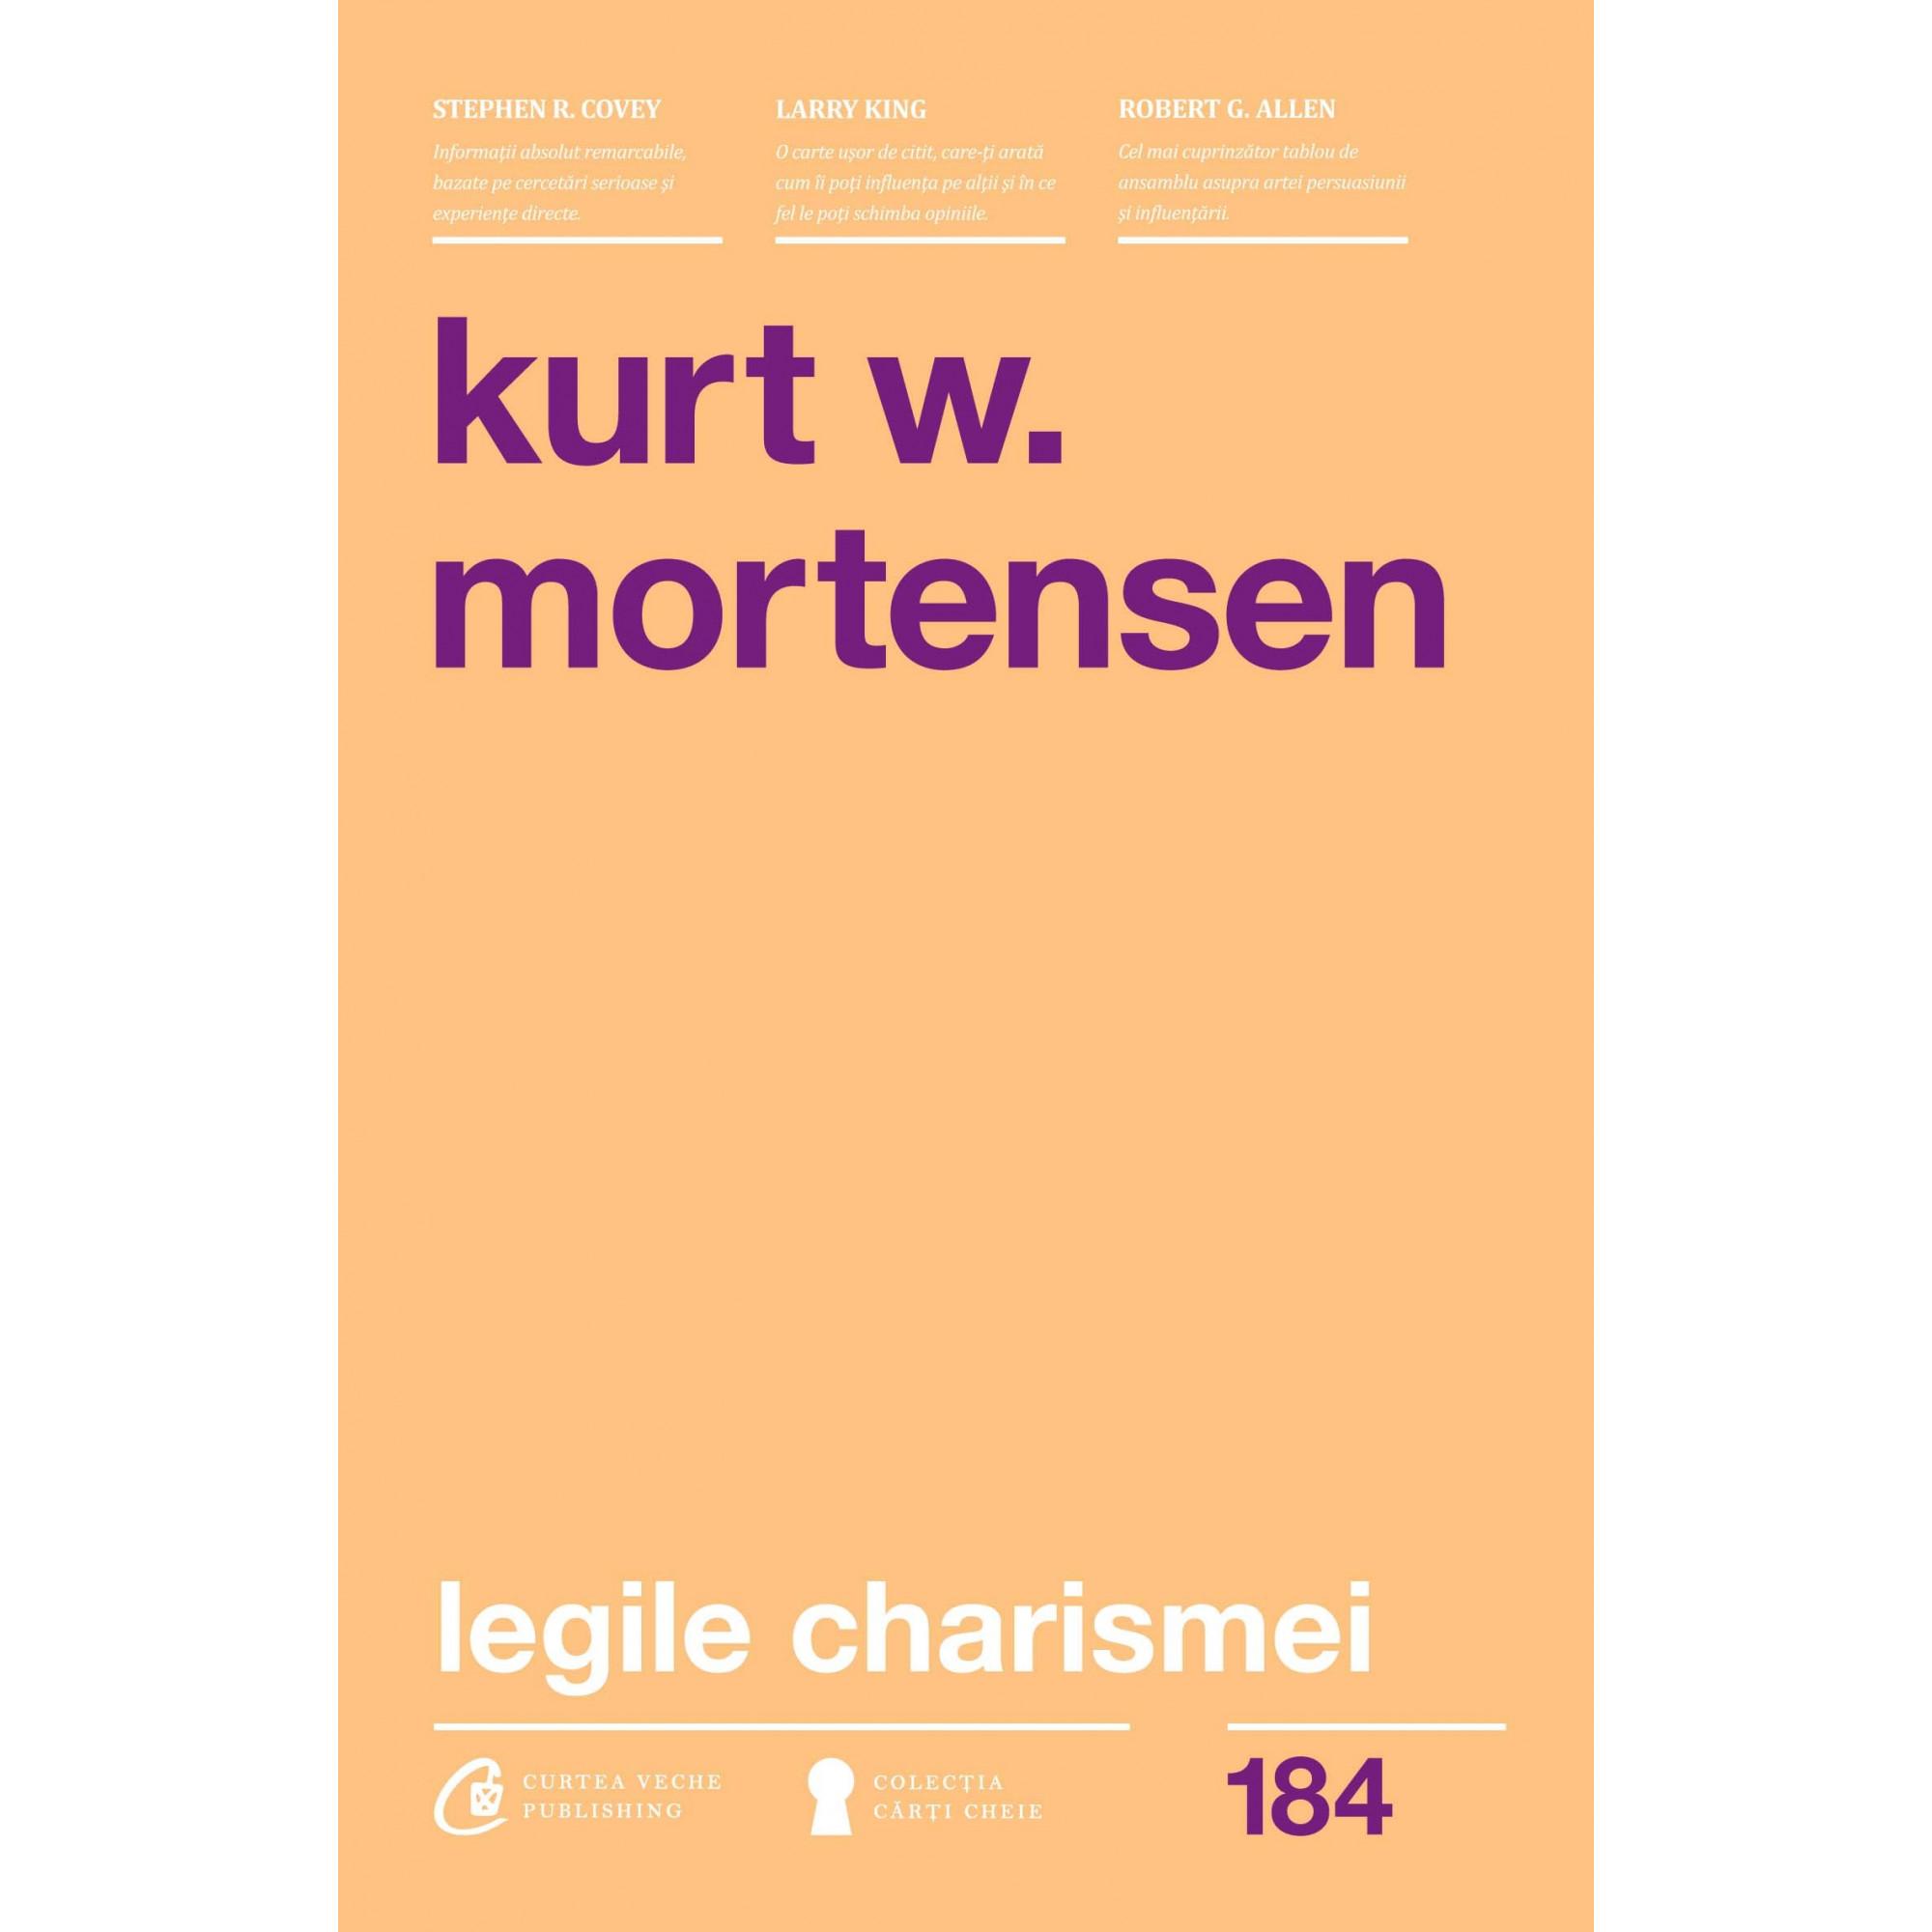 Legile charismei Cum să captezi atenția, să inspiri și să influențezi; Kurt W. Mortensen